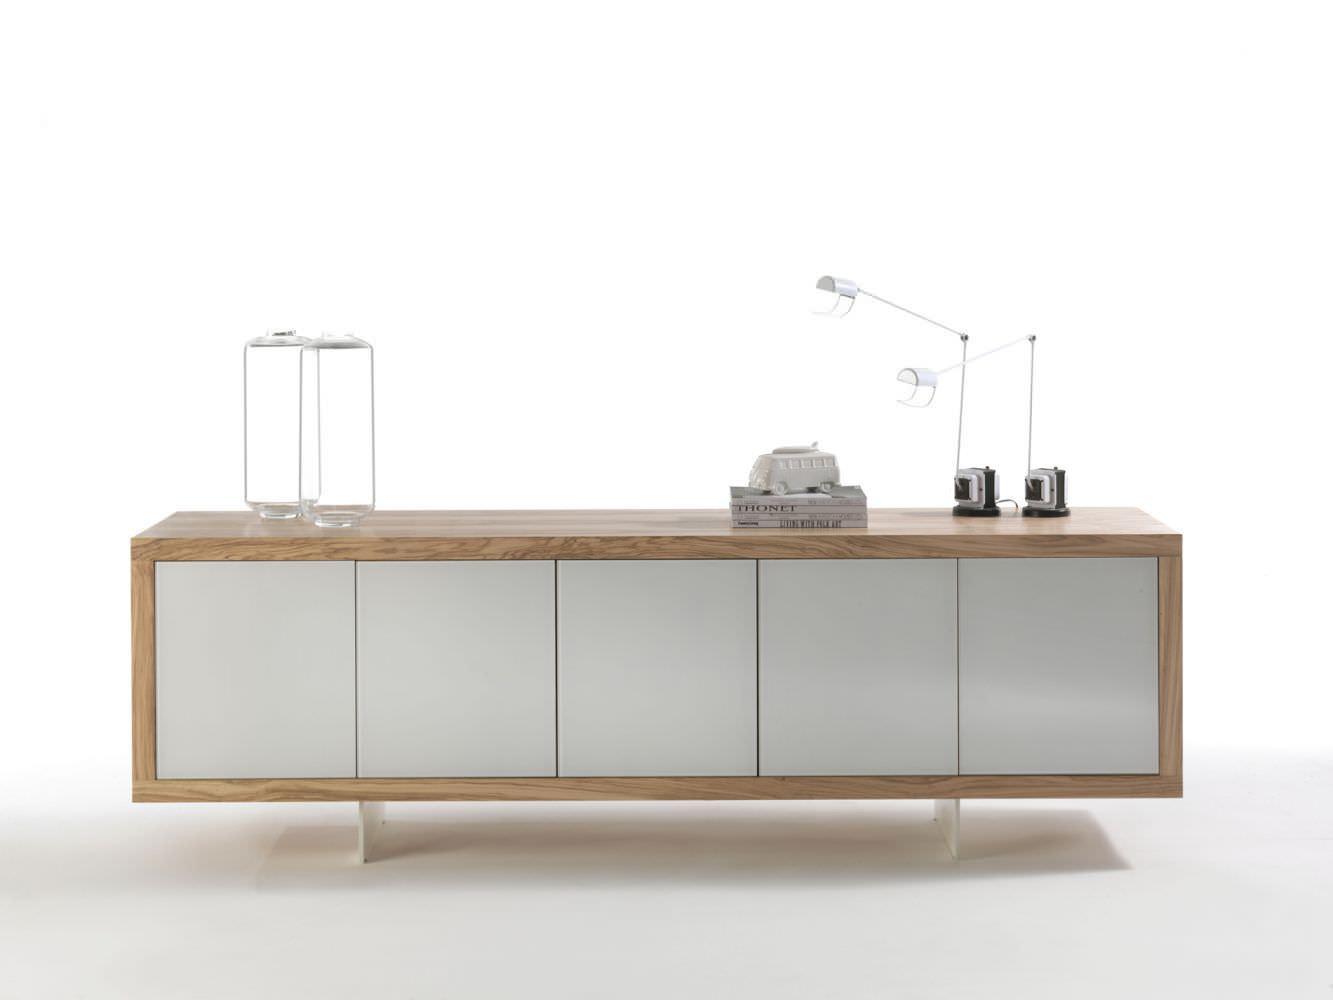 Credenza Moderna Vetro : Credenza moderna in legno vetro laccato metallo